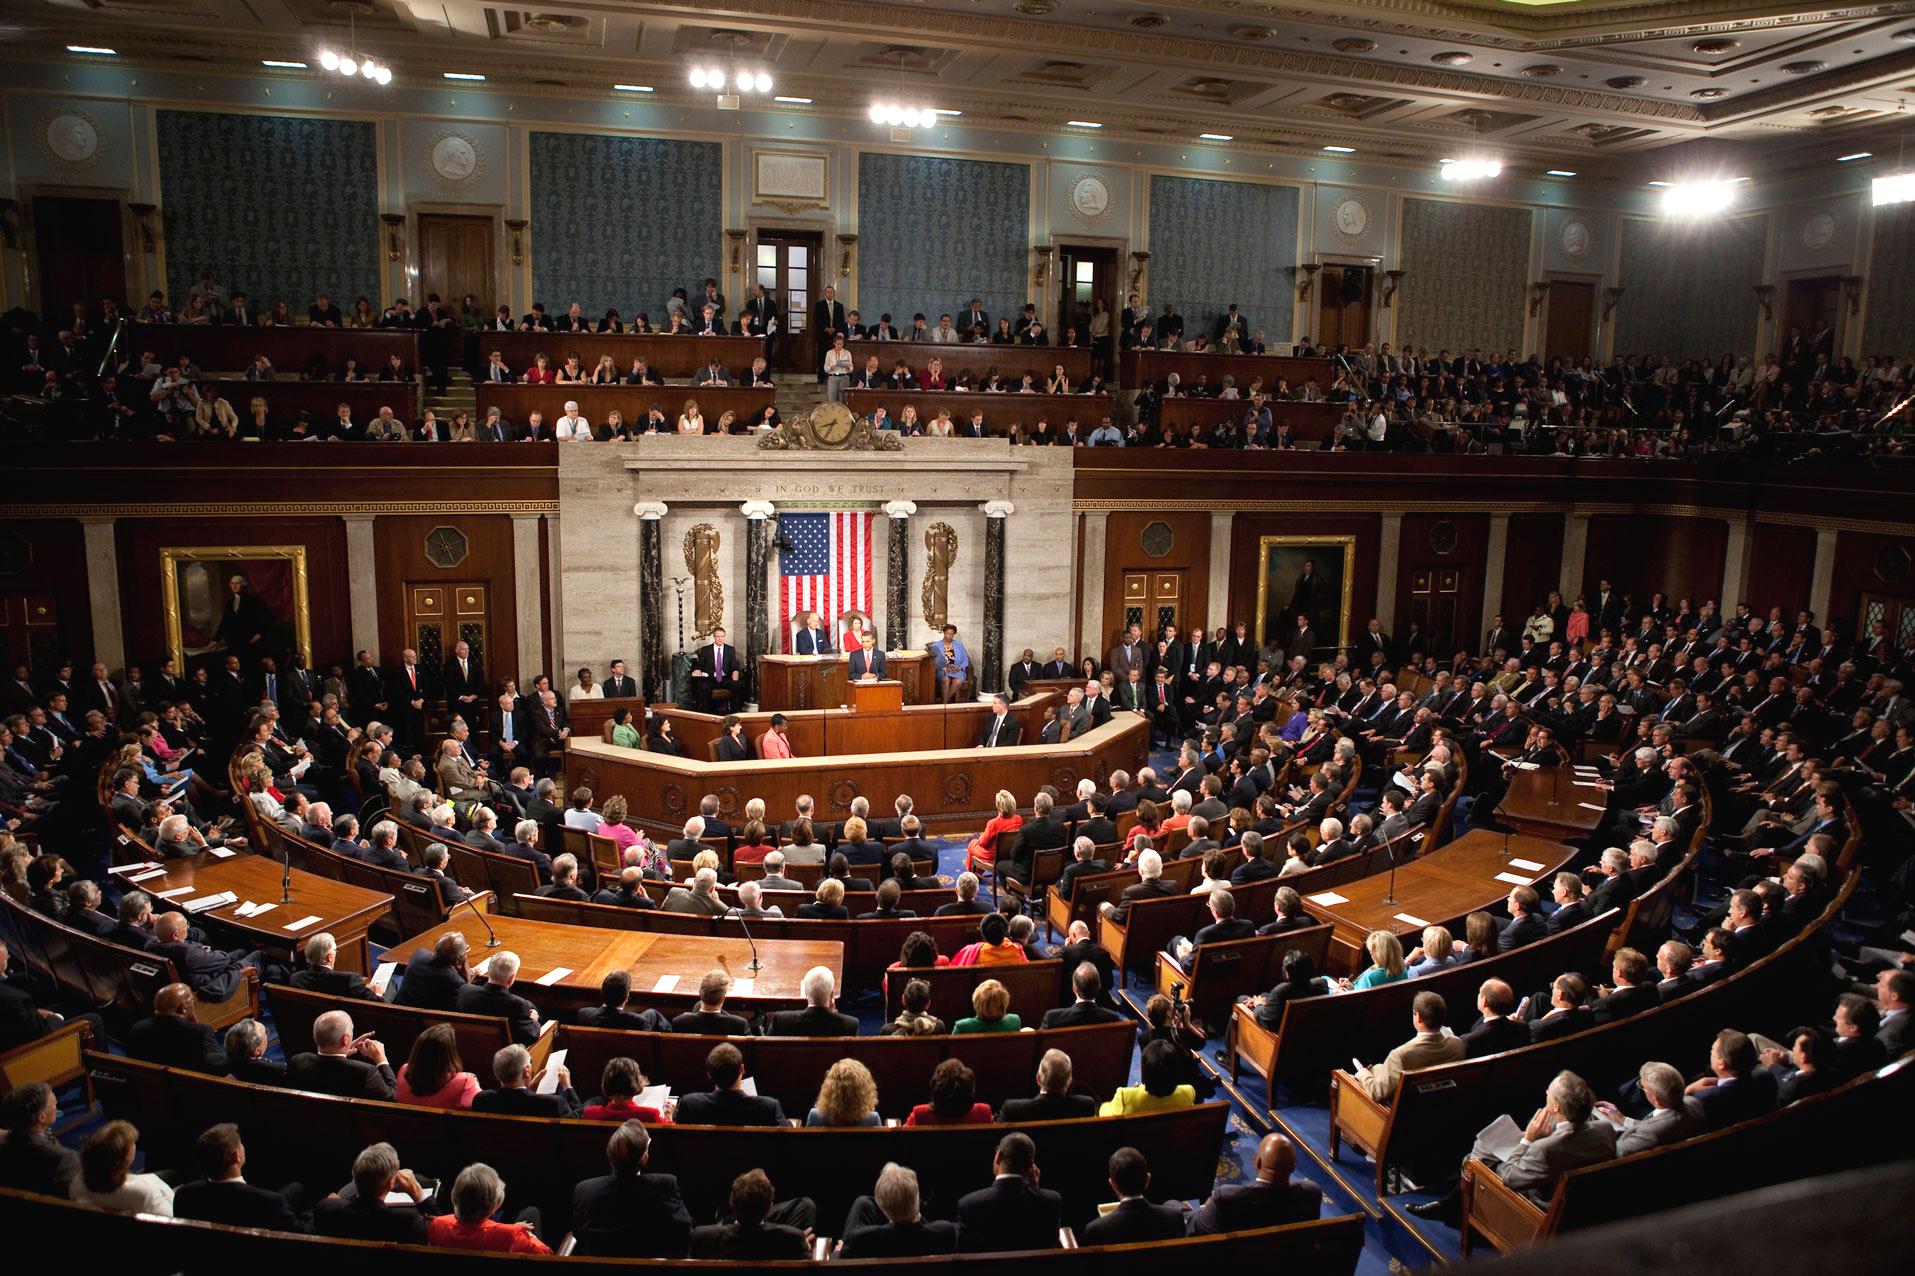 Конгресс США одобрил законопроект, позволяющий провайдерам торговать данными пользователей